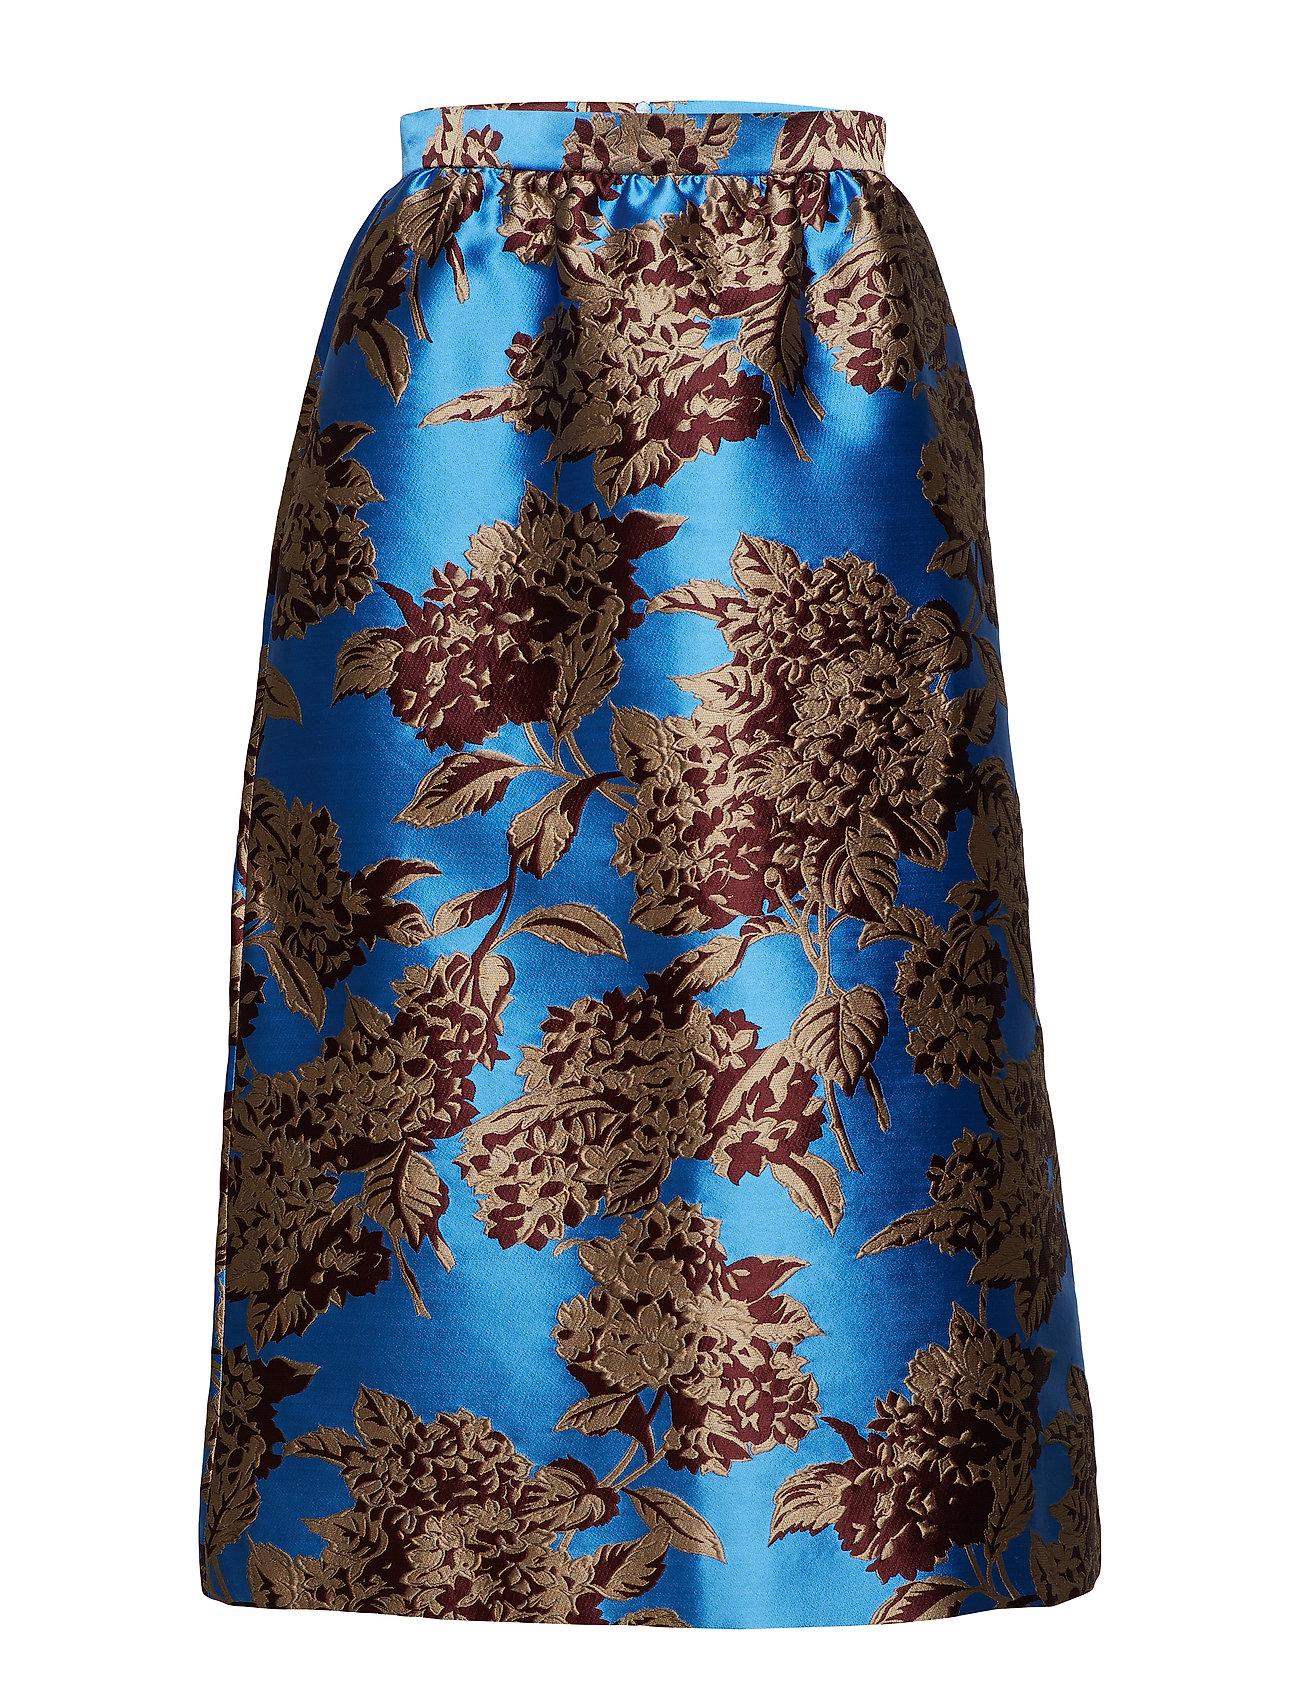 Lovechild 1979 Celine skirt - FRENCH BLUE